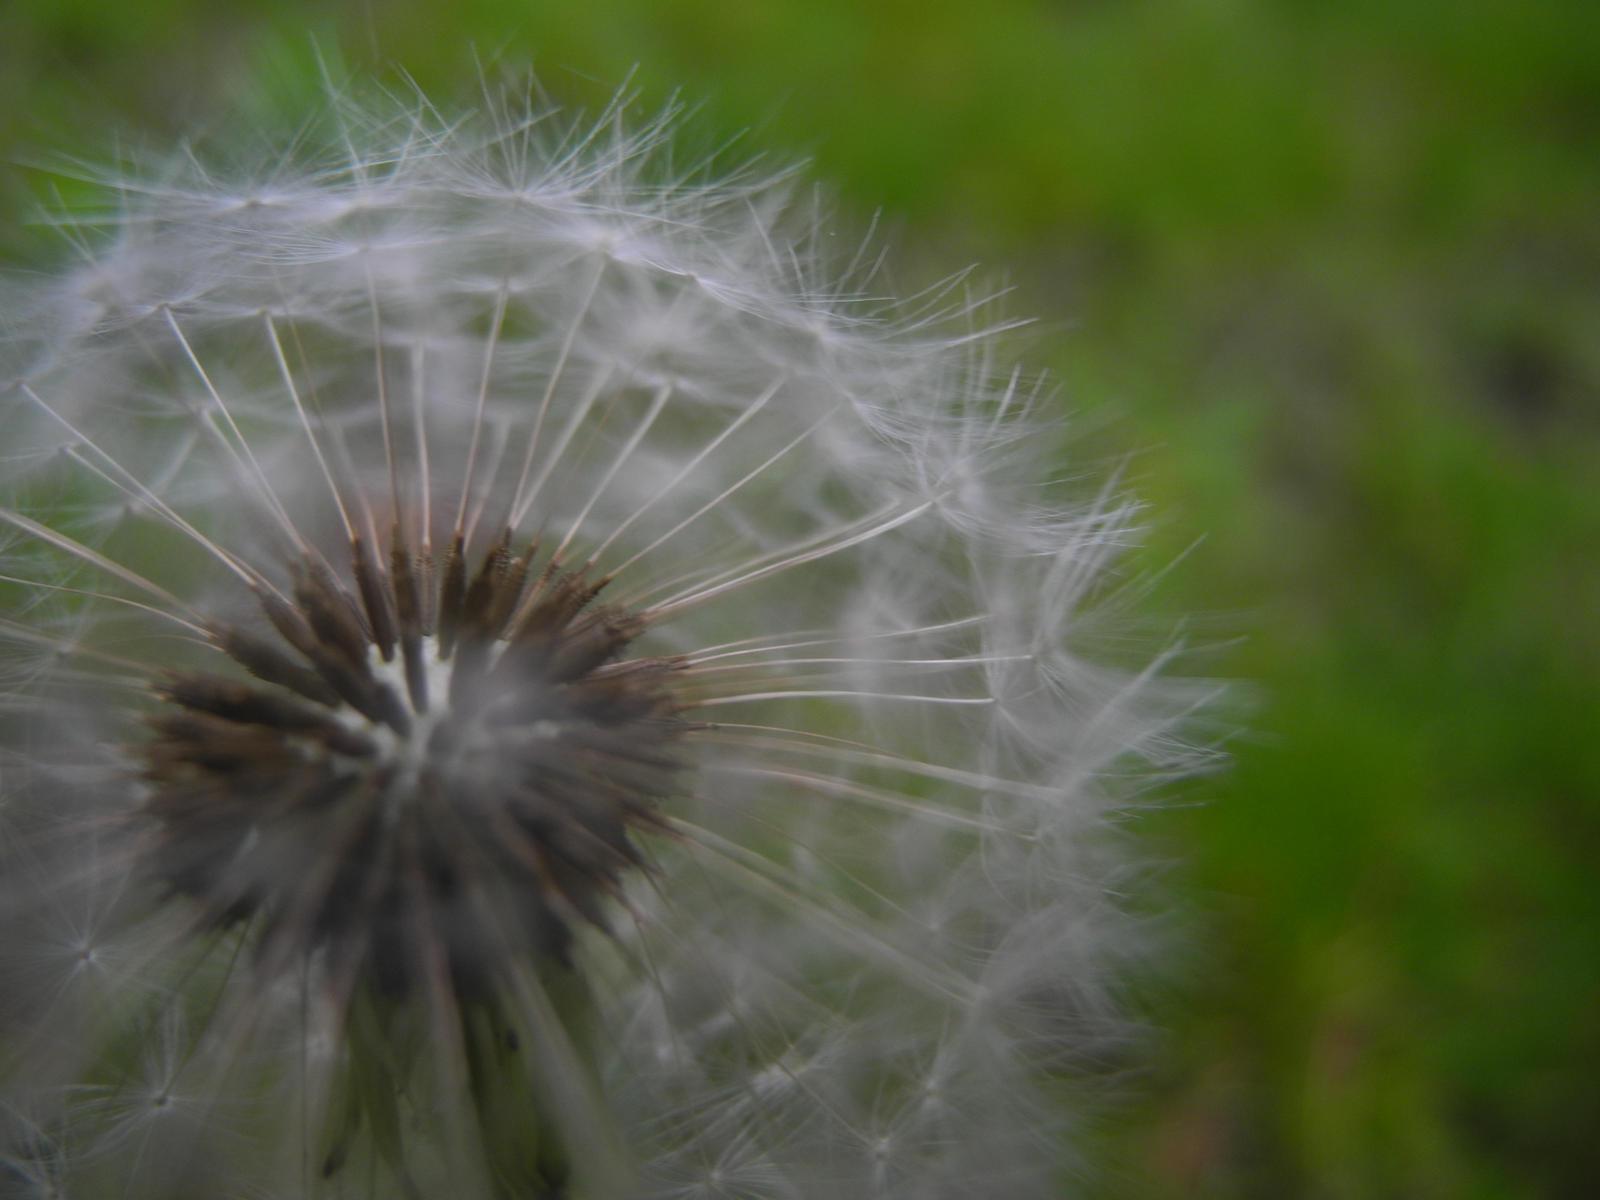 make a wish by imma flower child on DeviantArt